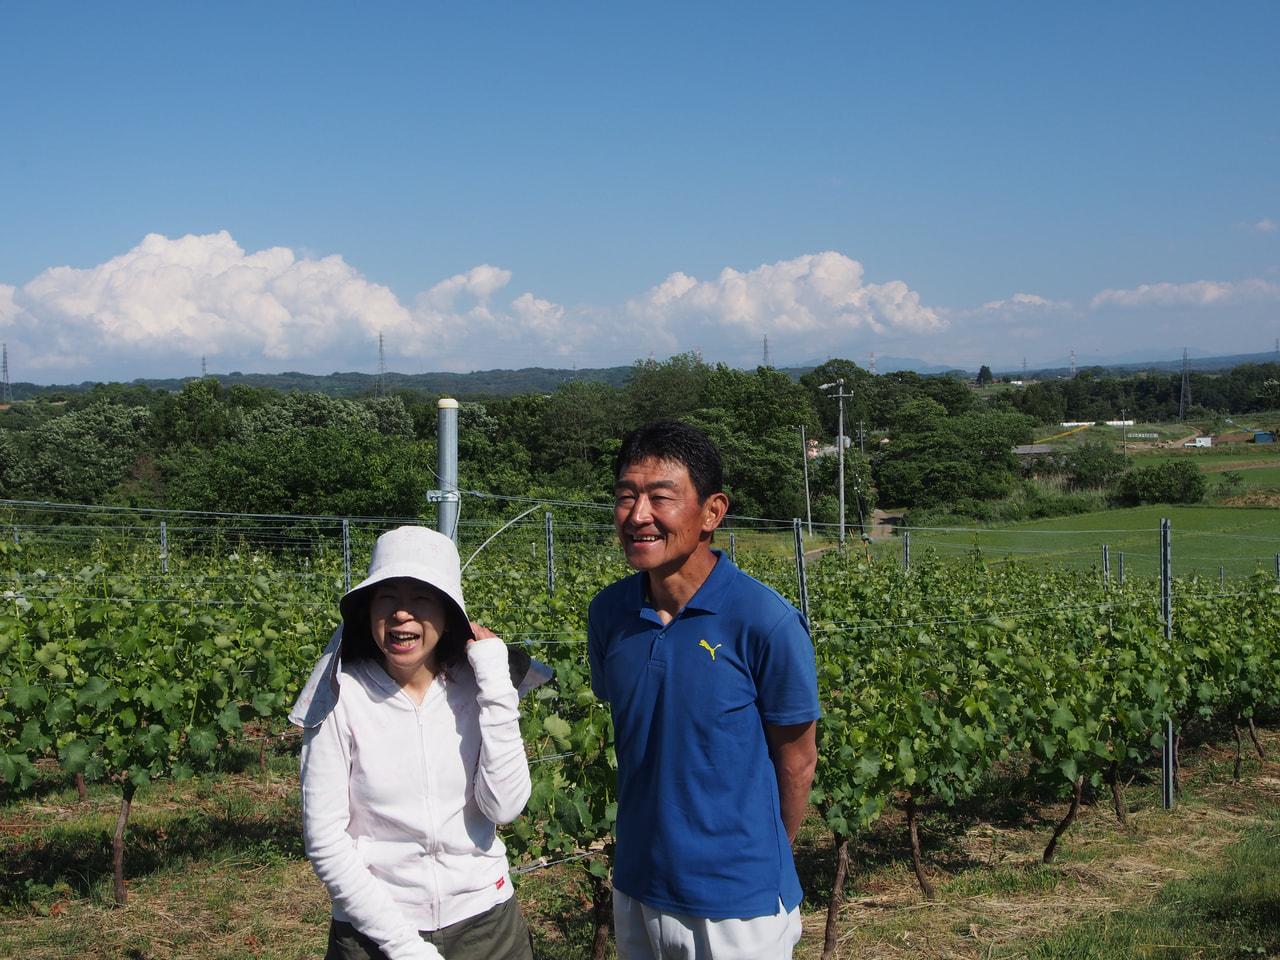 Vol.44 496ヴィンヤード<br>飯島規之さん・祐子さん<br>  <br>元プロサイクリストが八重原でつくるワイン